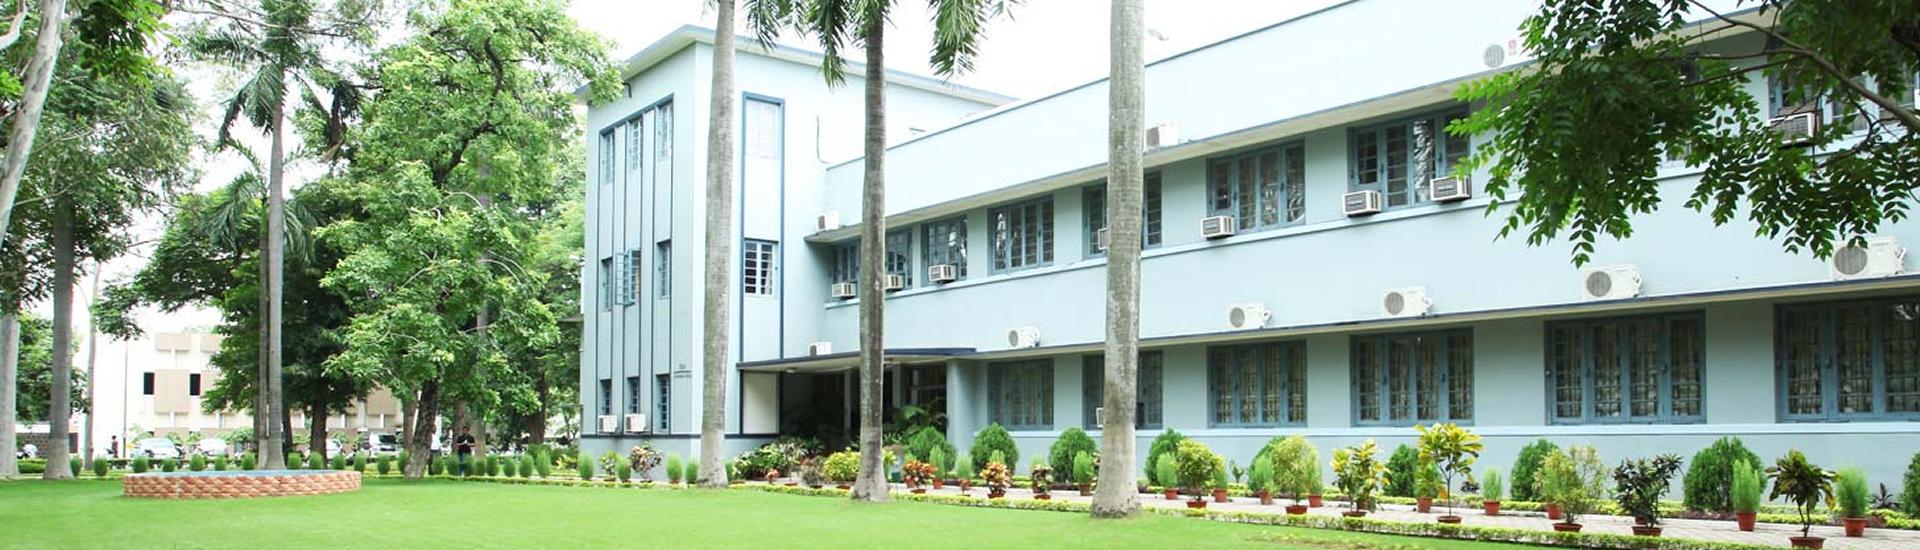 校園大樓外觀照片